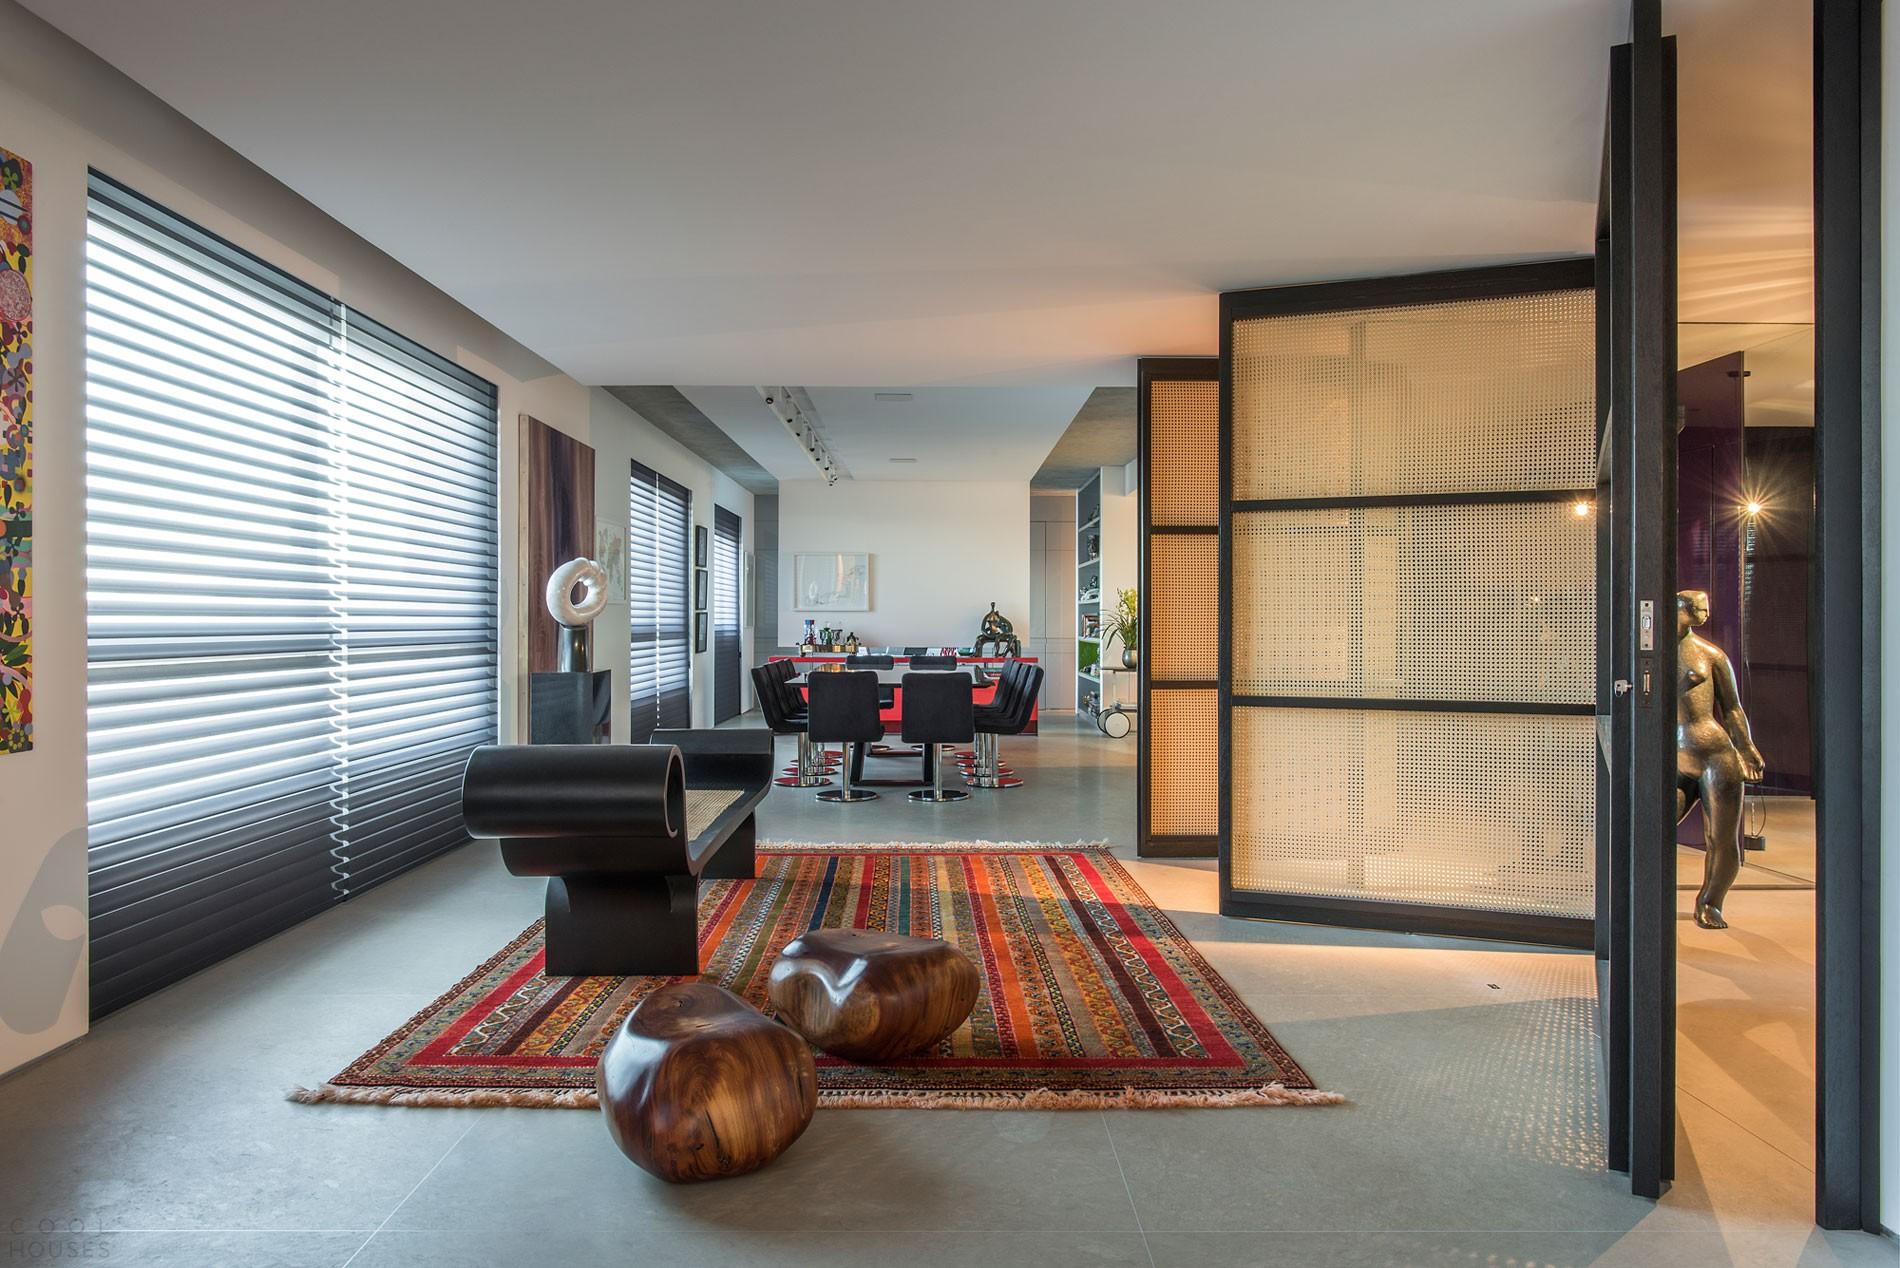 Яркий интерьер квартиры в Белу-Оризонти, Бразилия